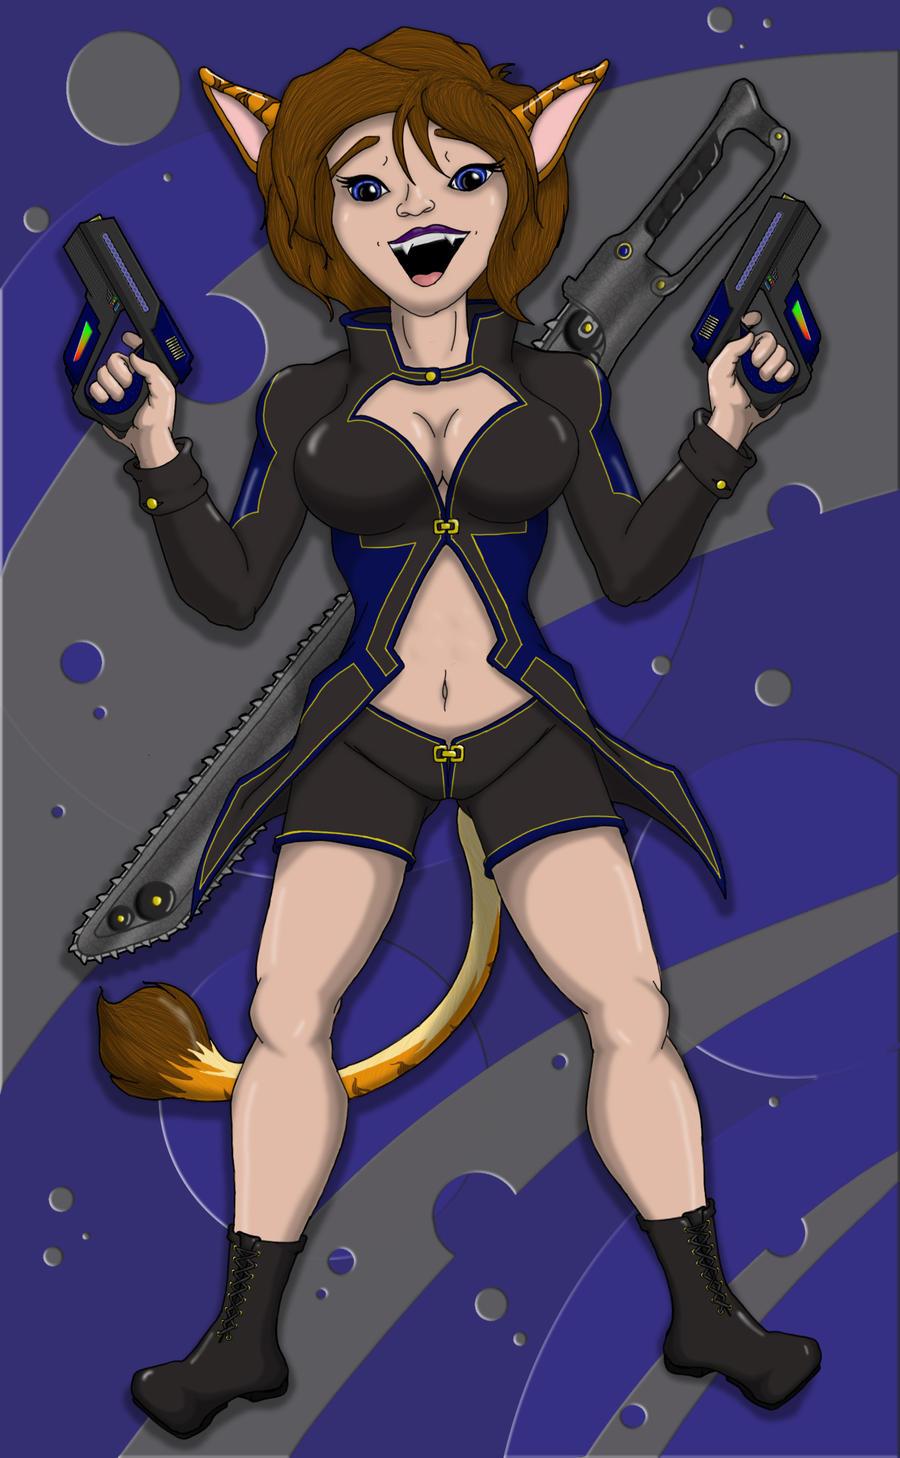 Nika, armed and ready by Carasibana